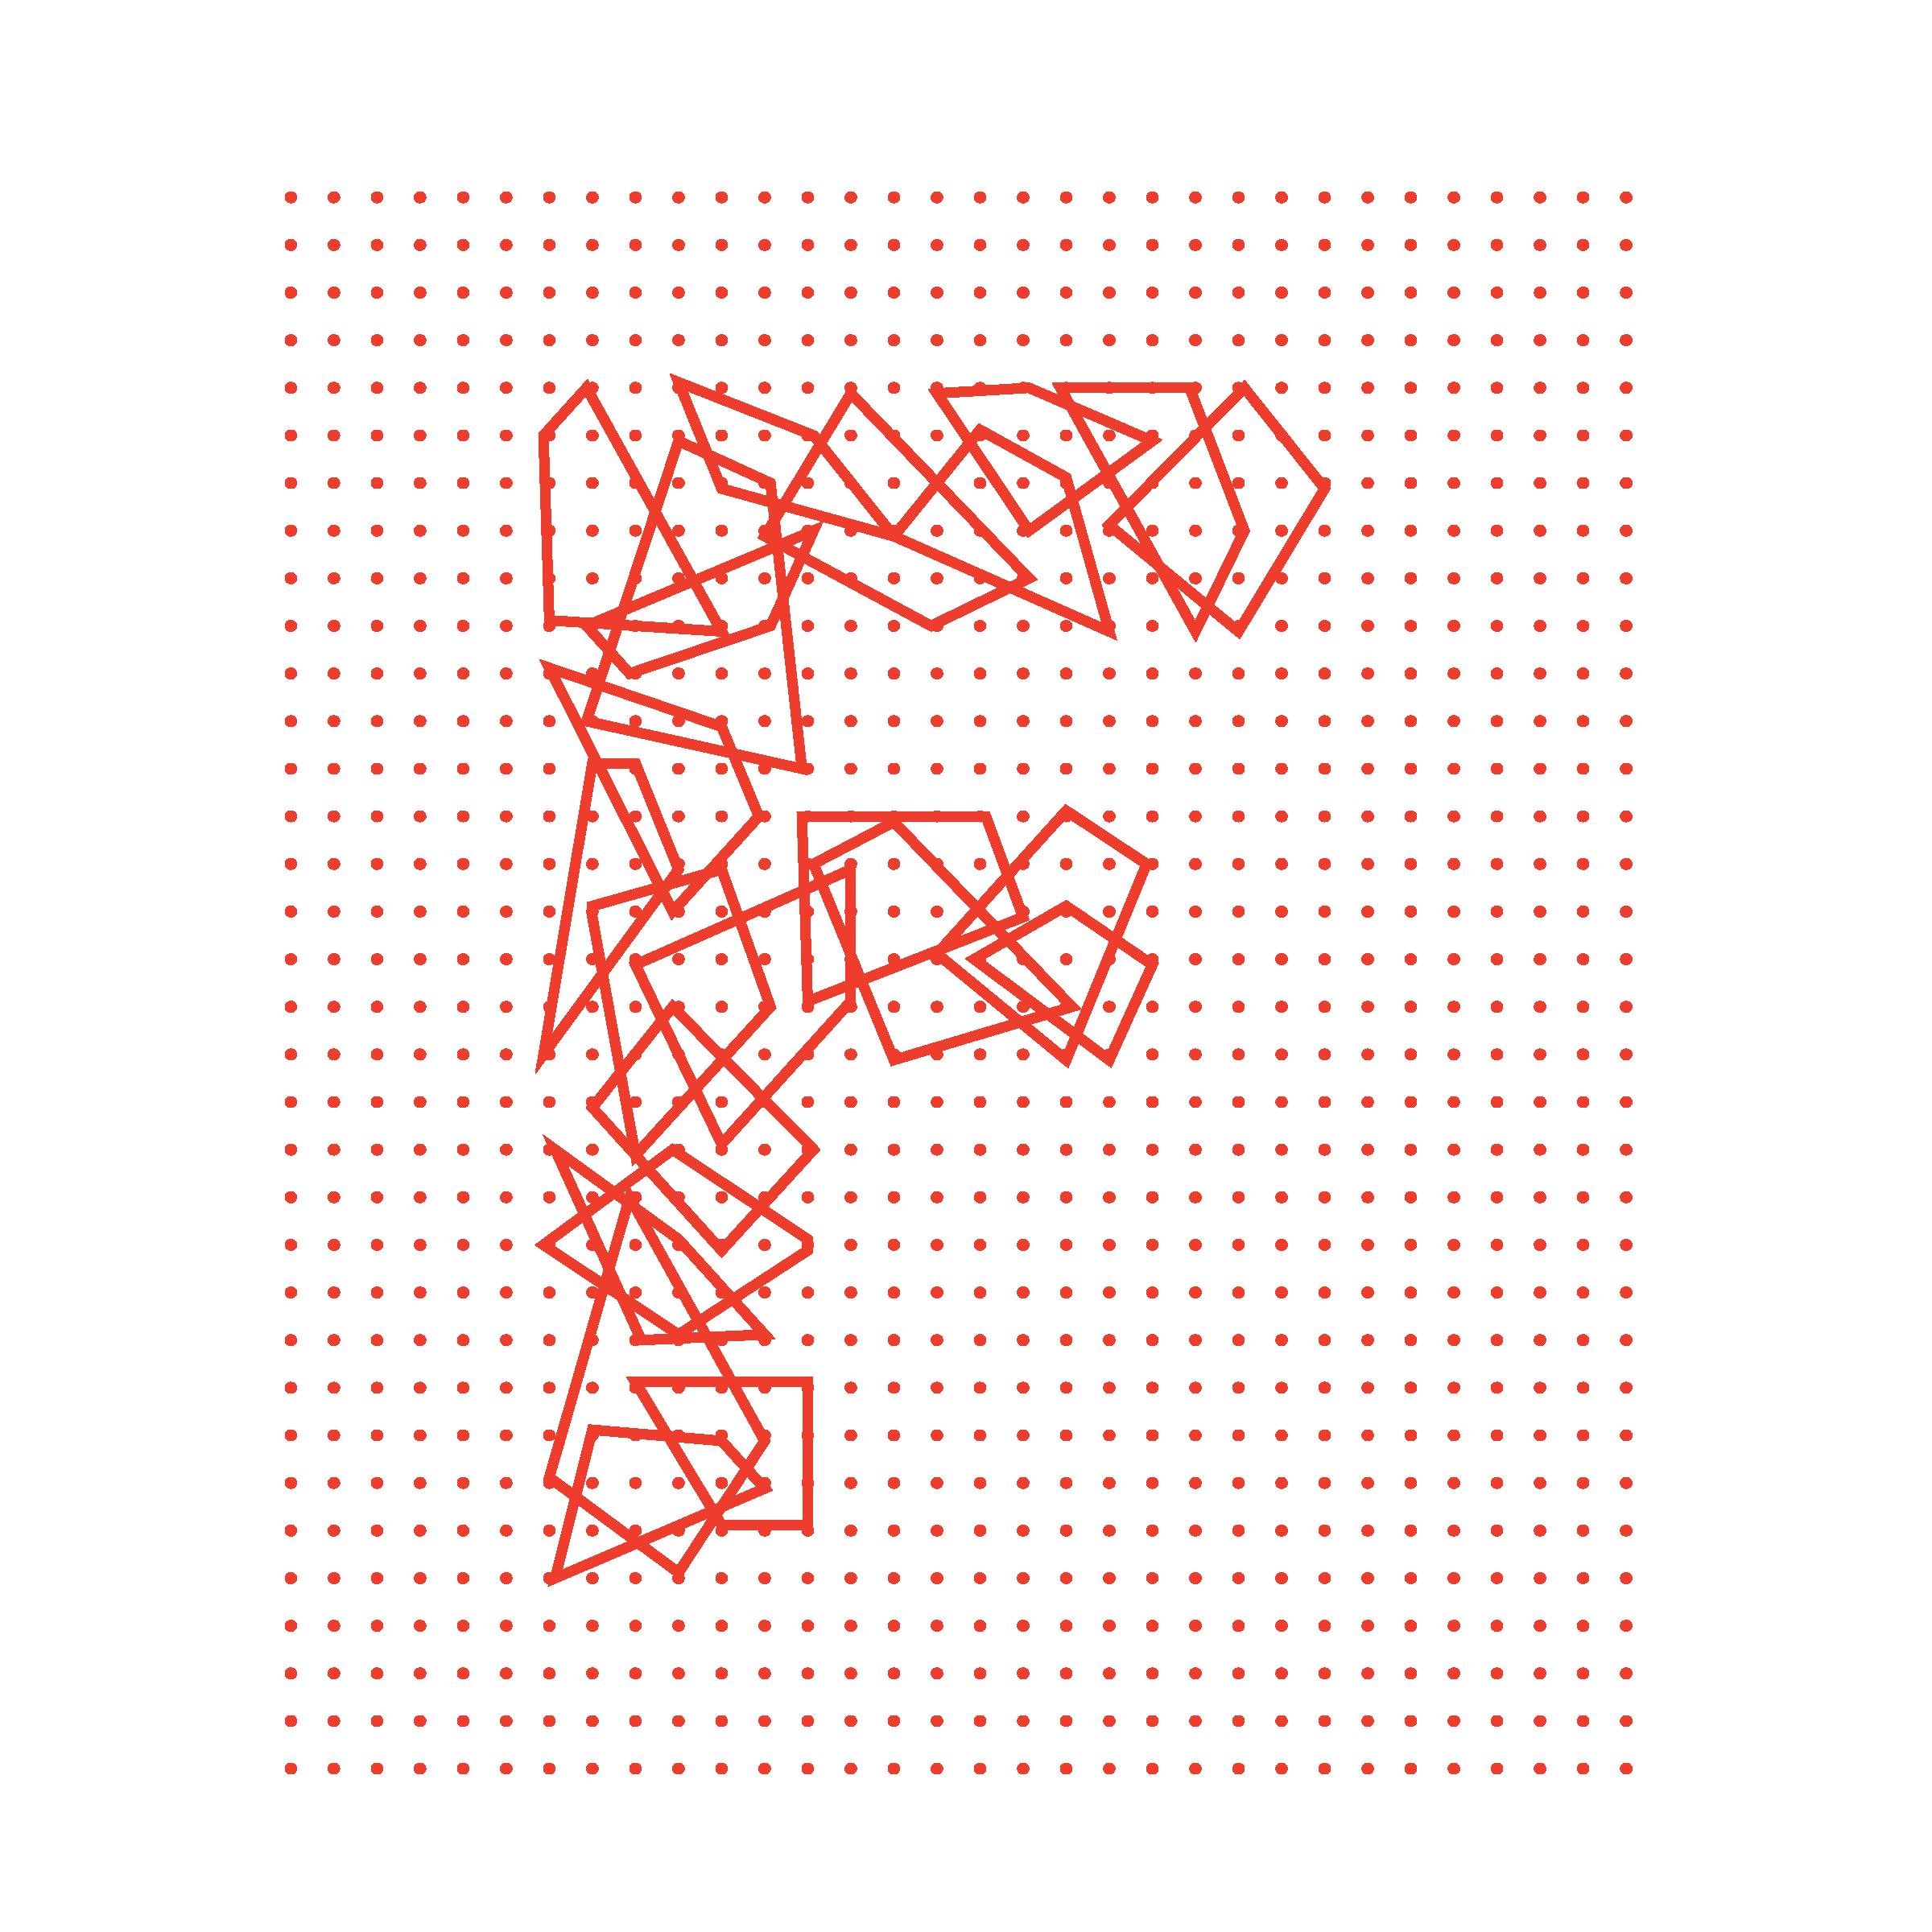 wk 12 logos-32.png